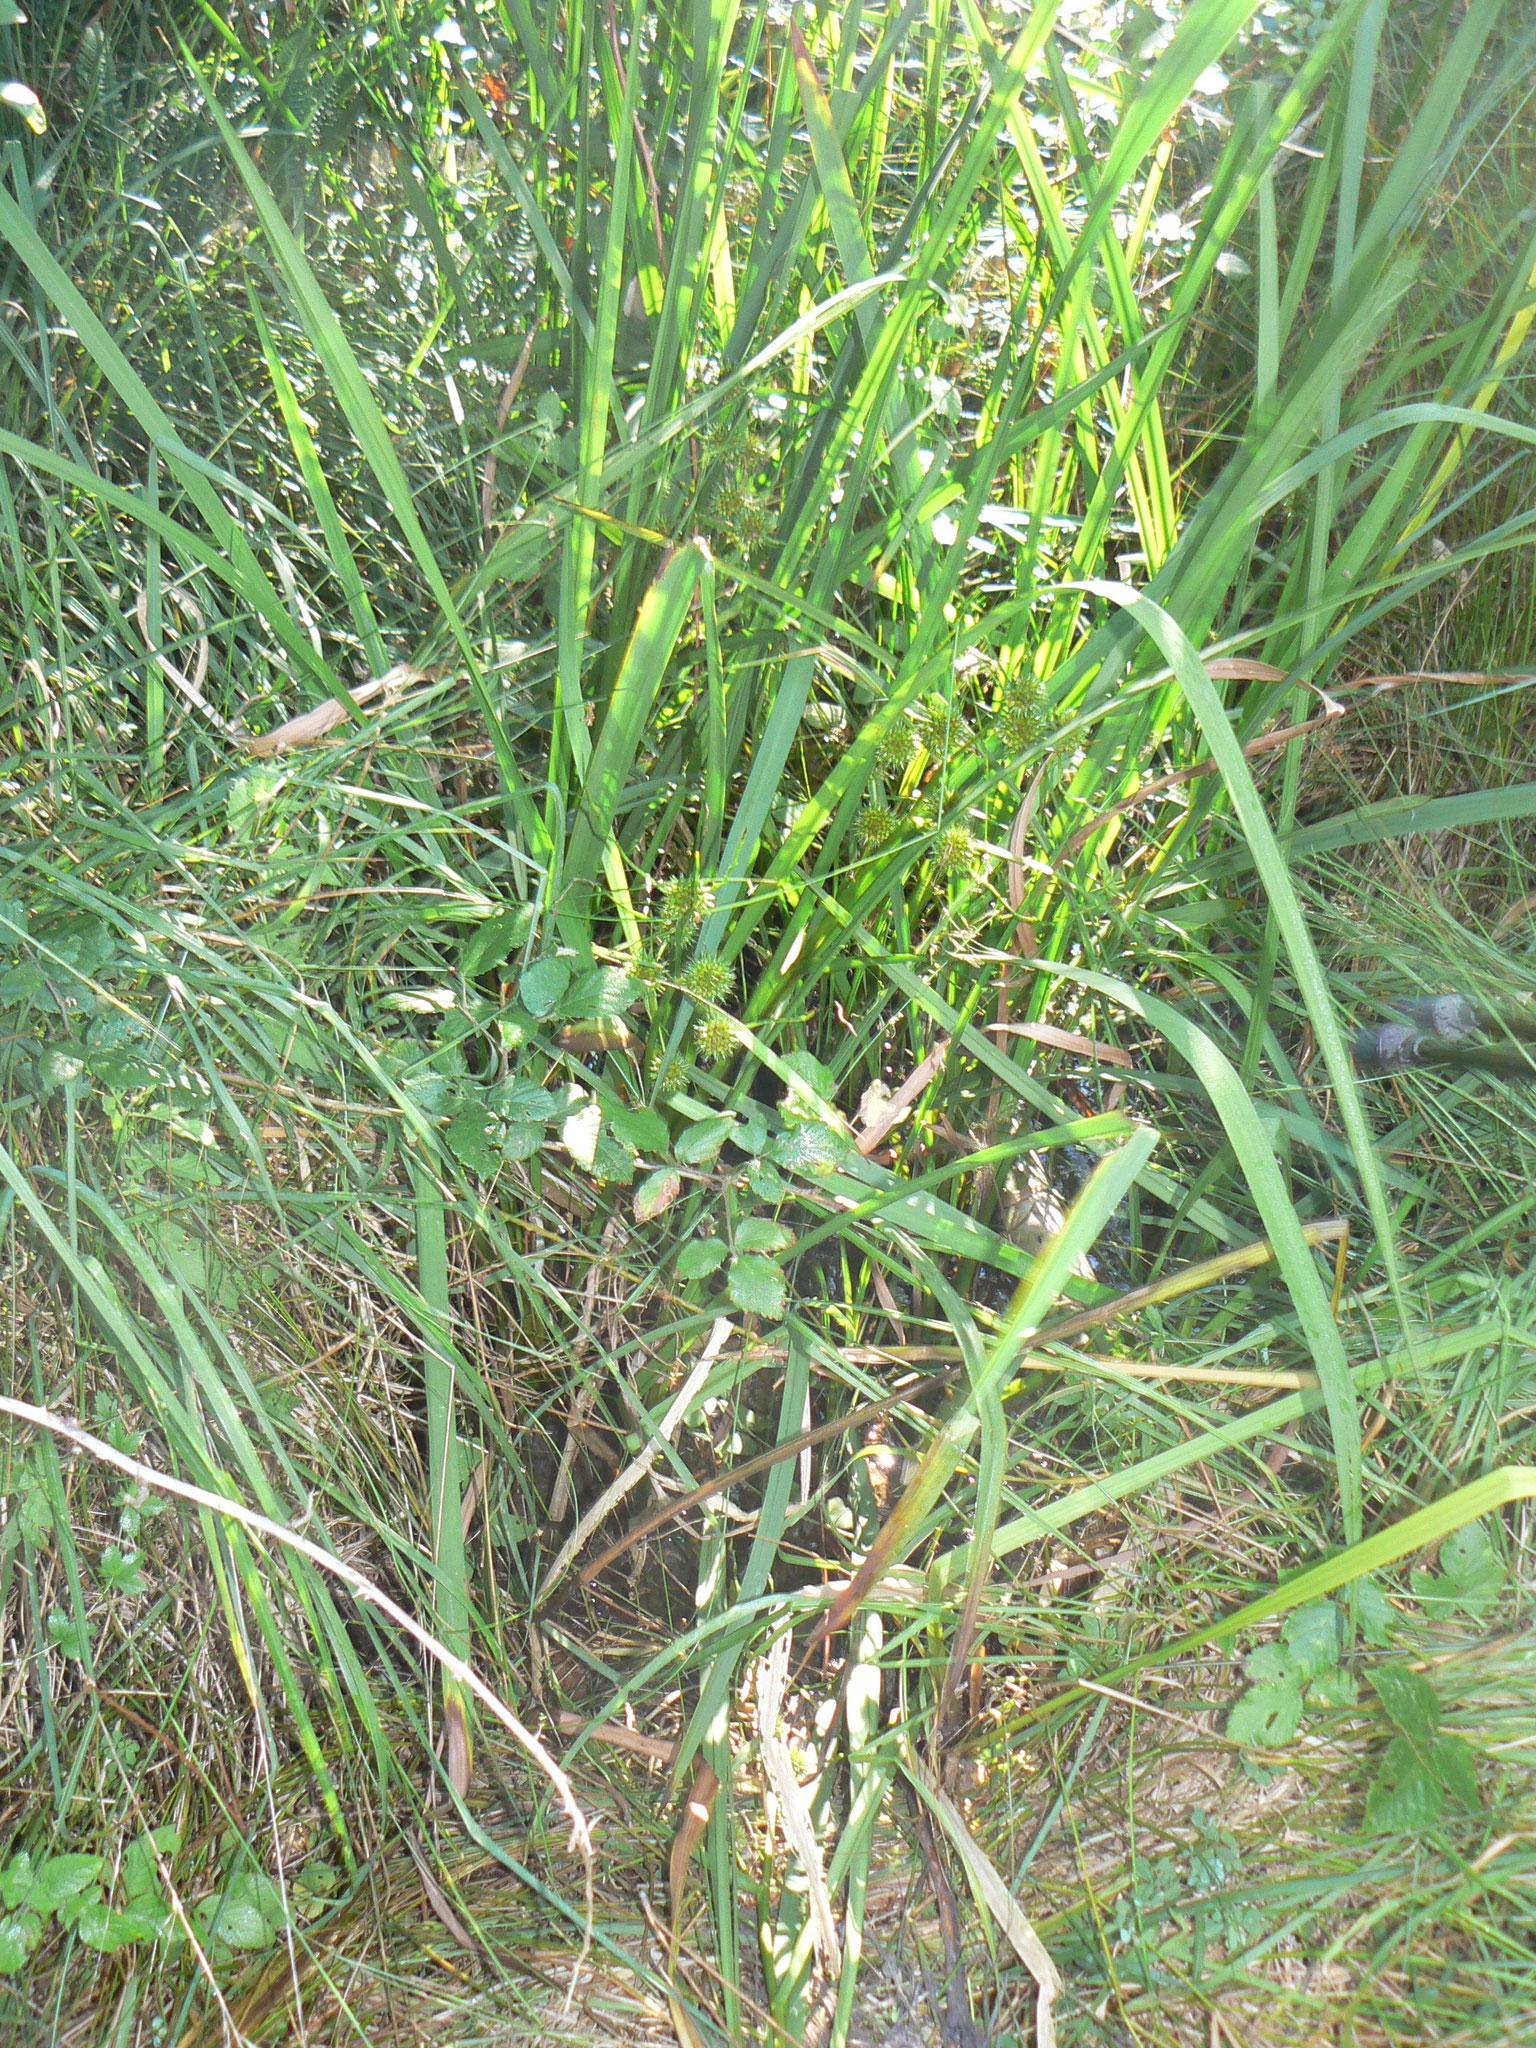 Les Roseaux du Bimby Roseau commun ou Phragmite, très présent au bord des eaux douces, formant des espaces appelés Roselières